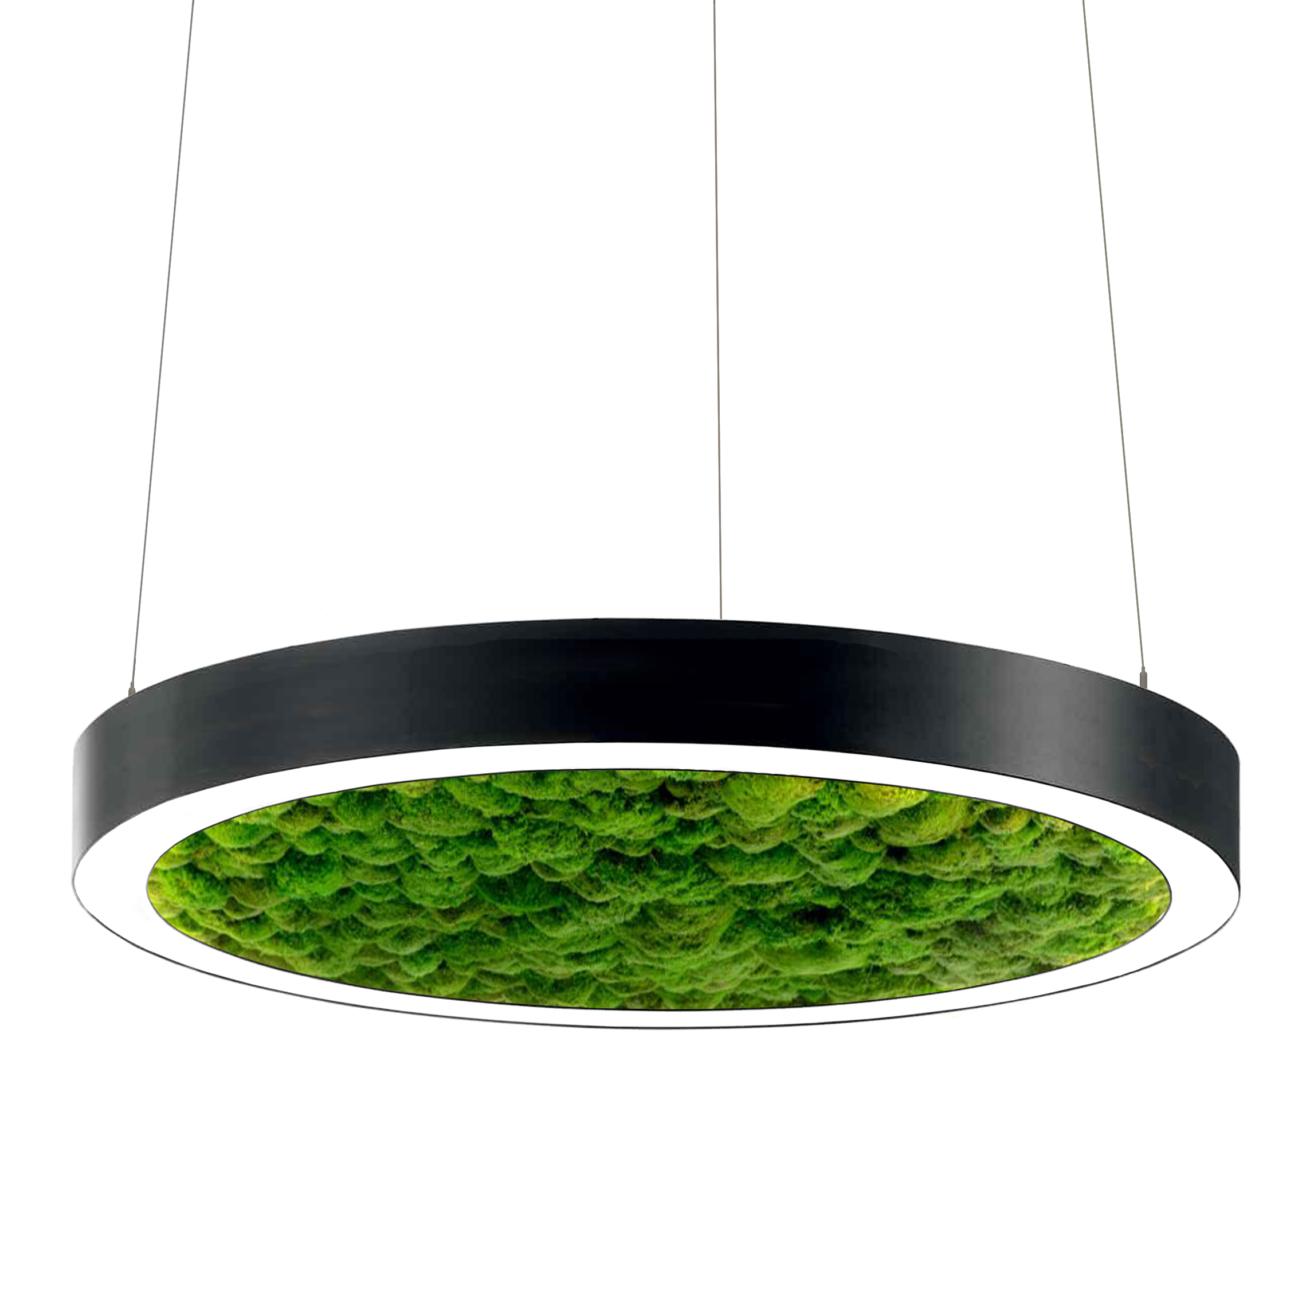 Светильник Moss 5060-750мм. 4000К/3000К. 34W/73W купить во Владимире